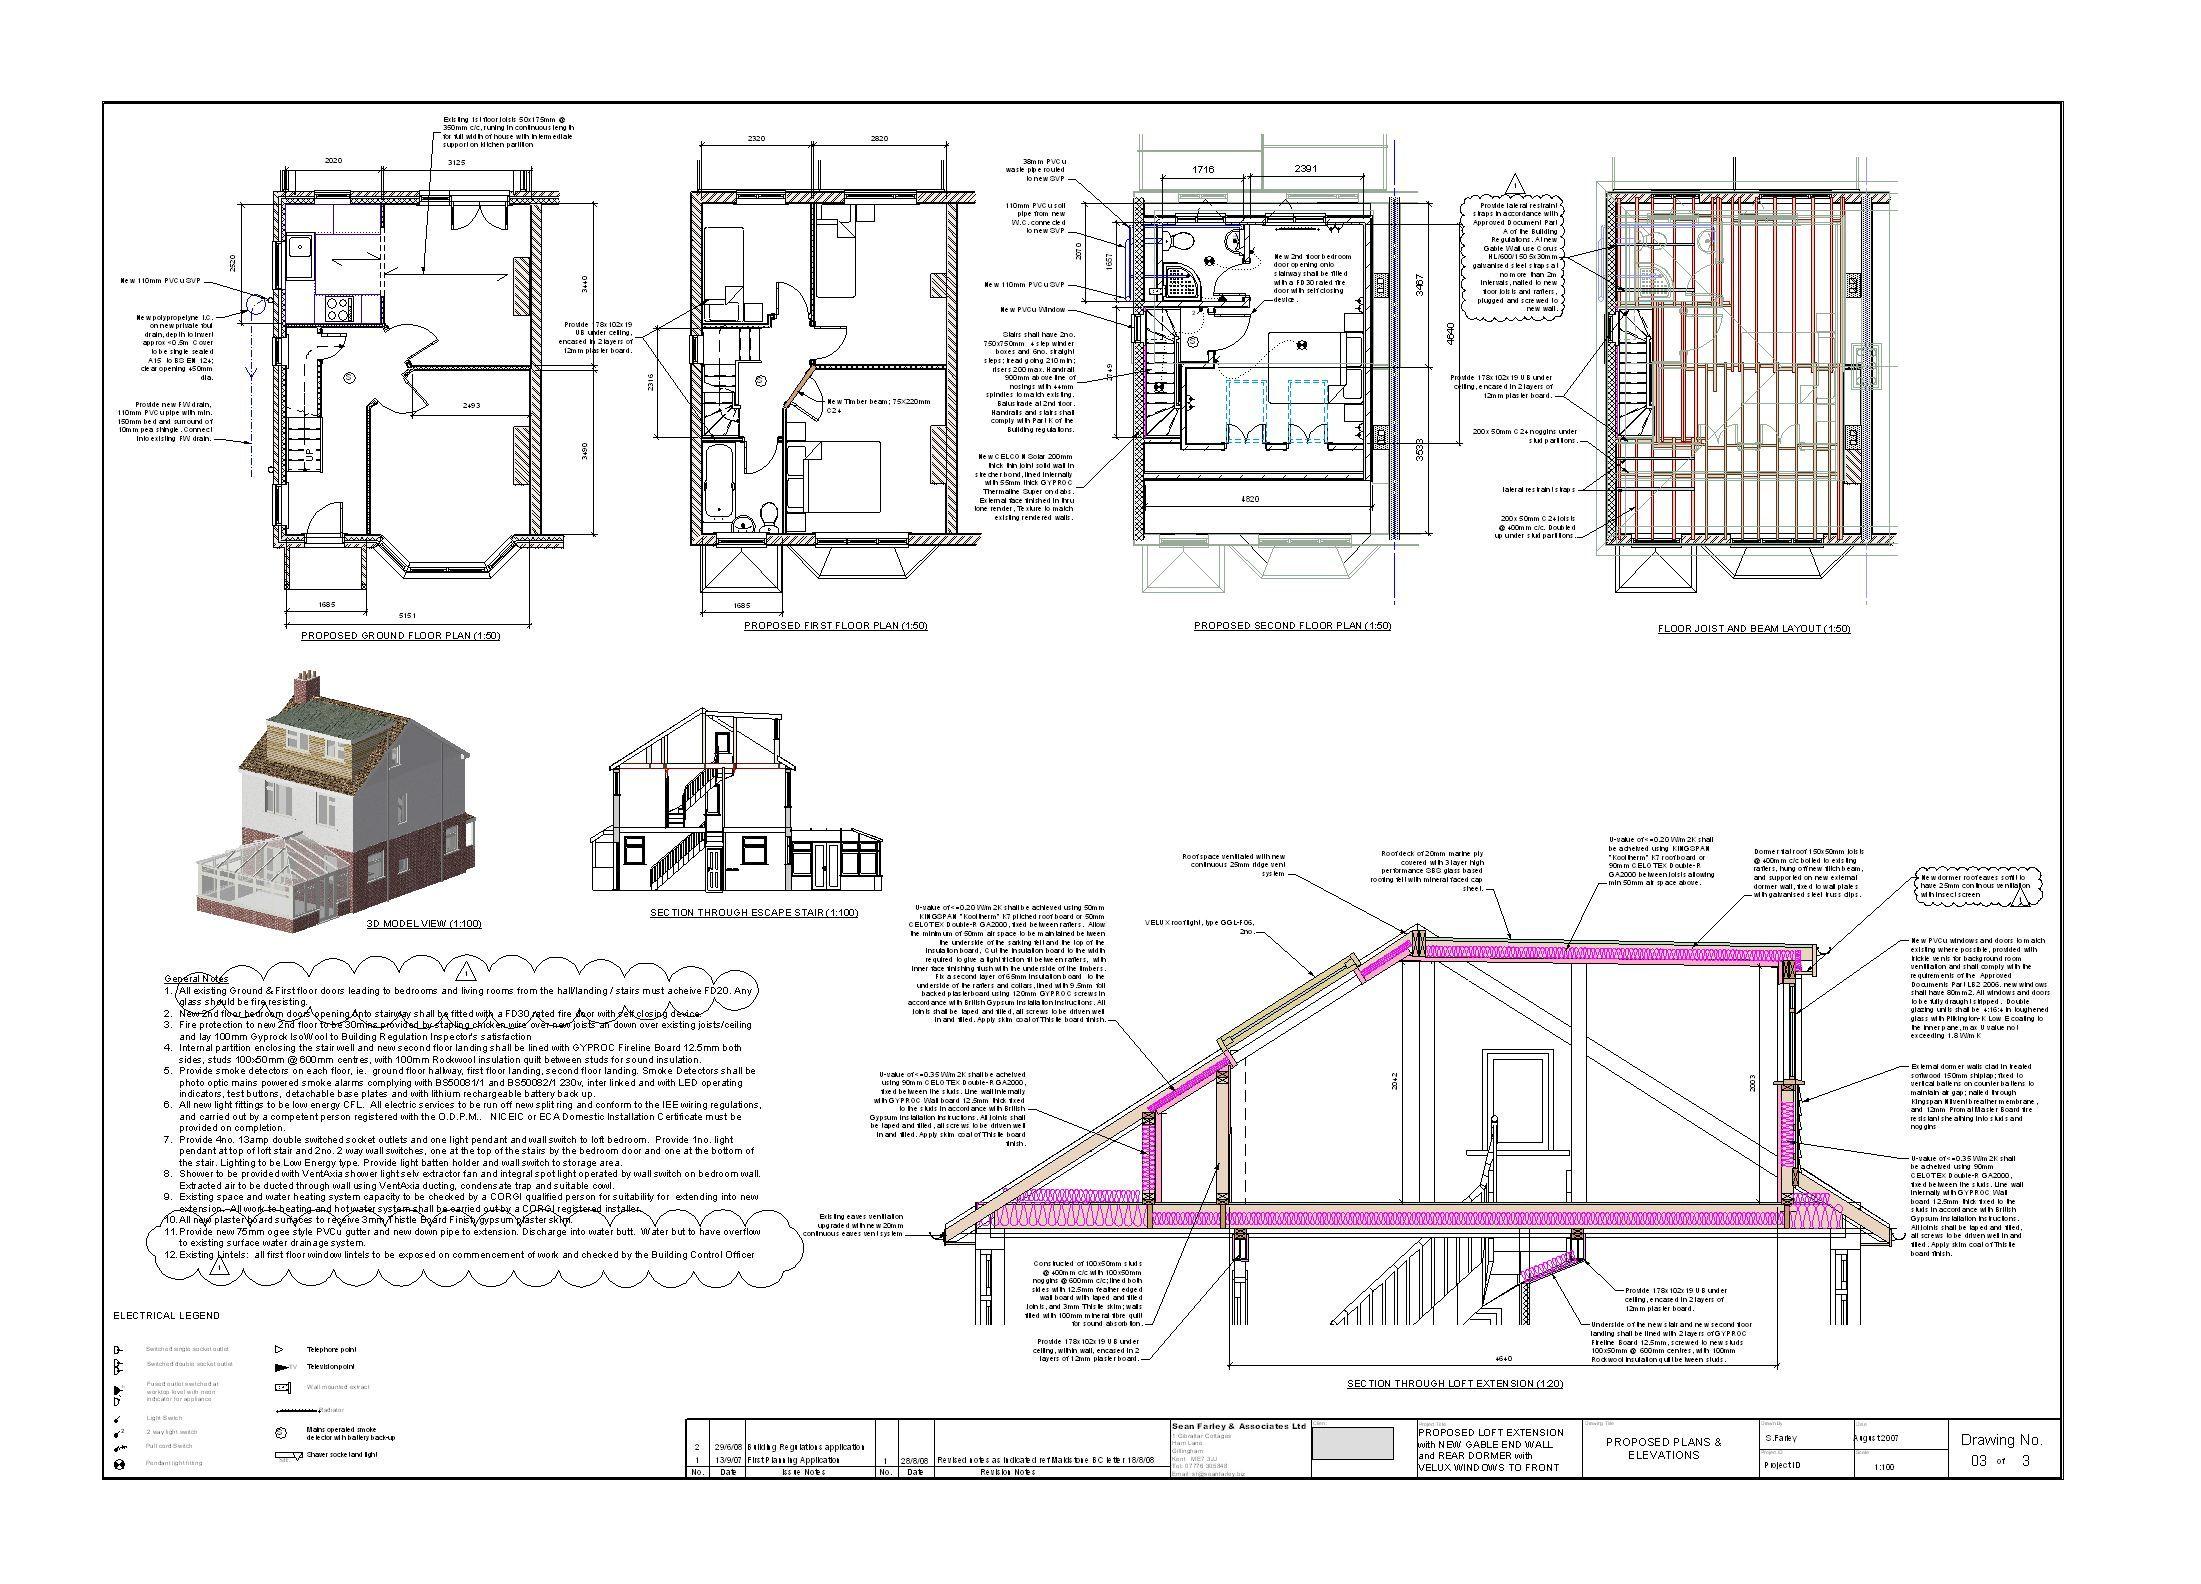 Raising The Roof On Detached House Google Search Loft Conversion Drawings Loft Conversion Plans Loft Conversion